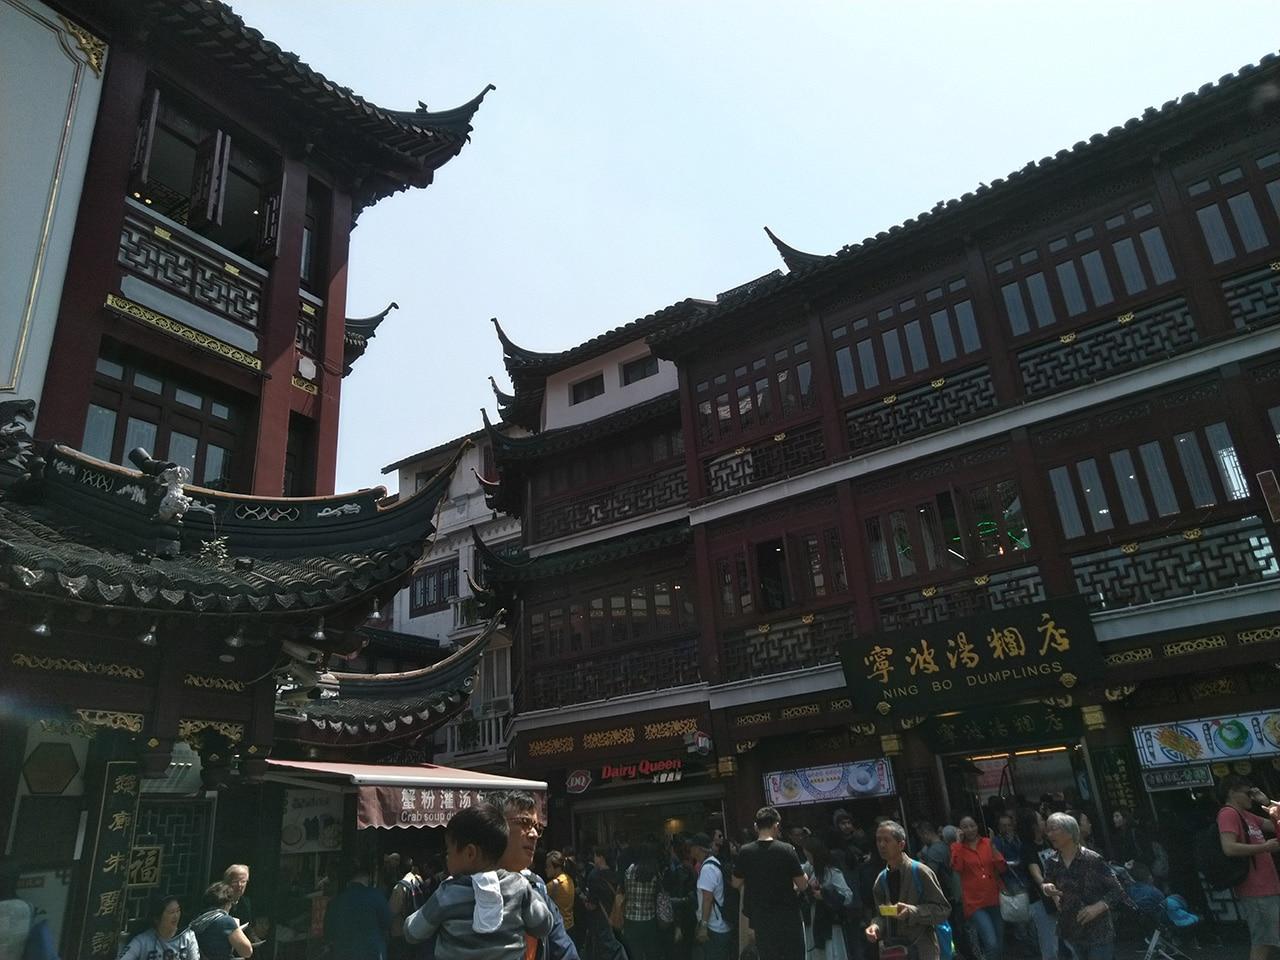 gadgetmatch-24-hours-shanghai-asus-zenfone-5q-20180422-06.jpg